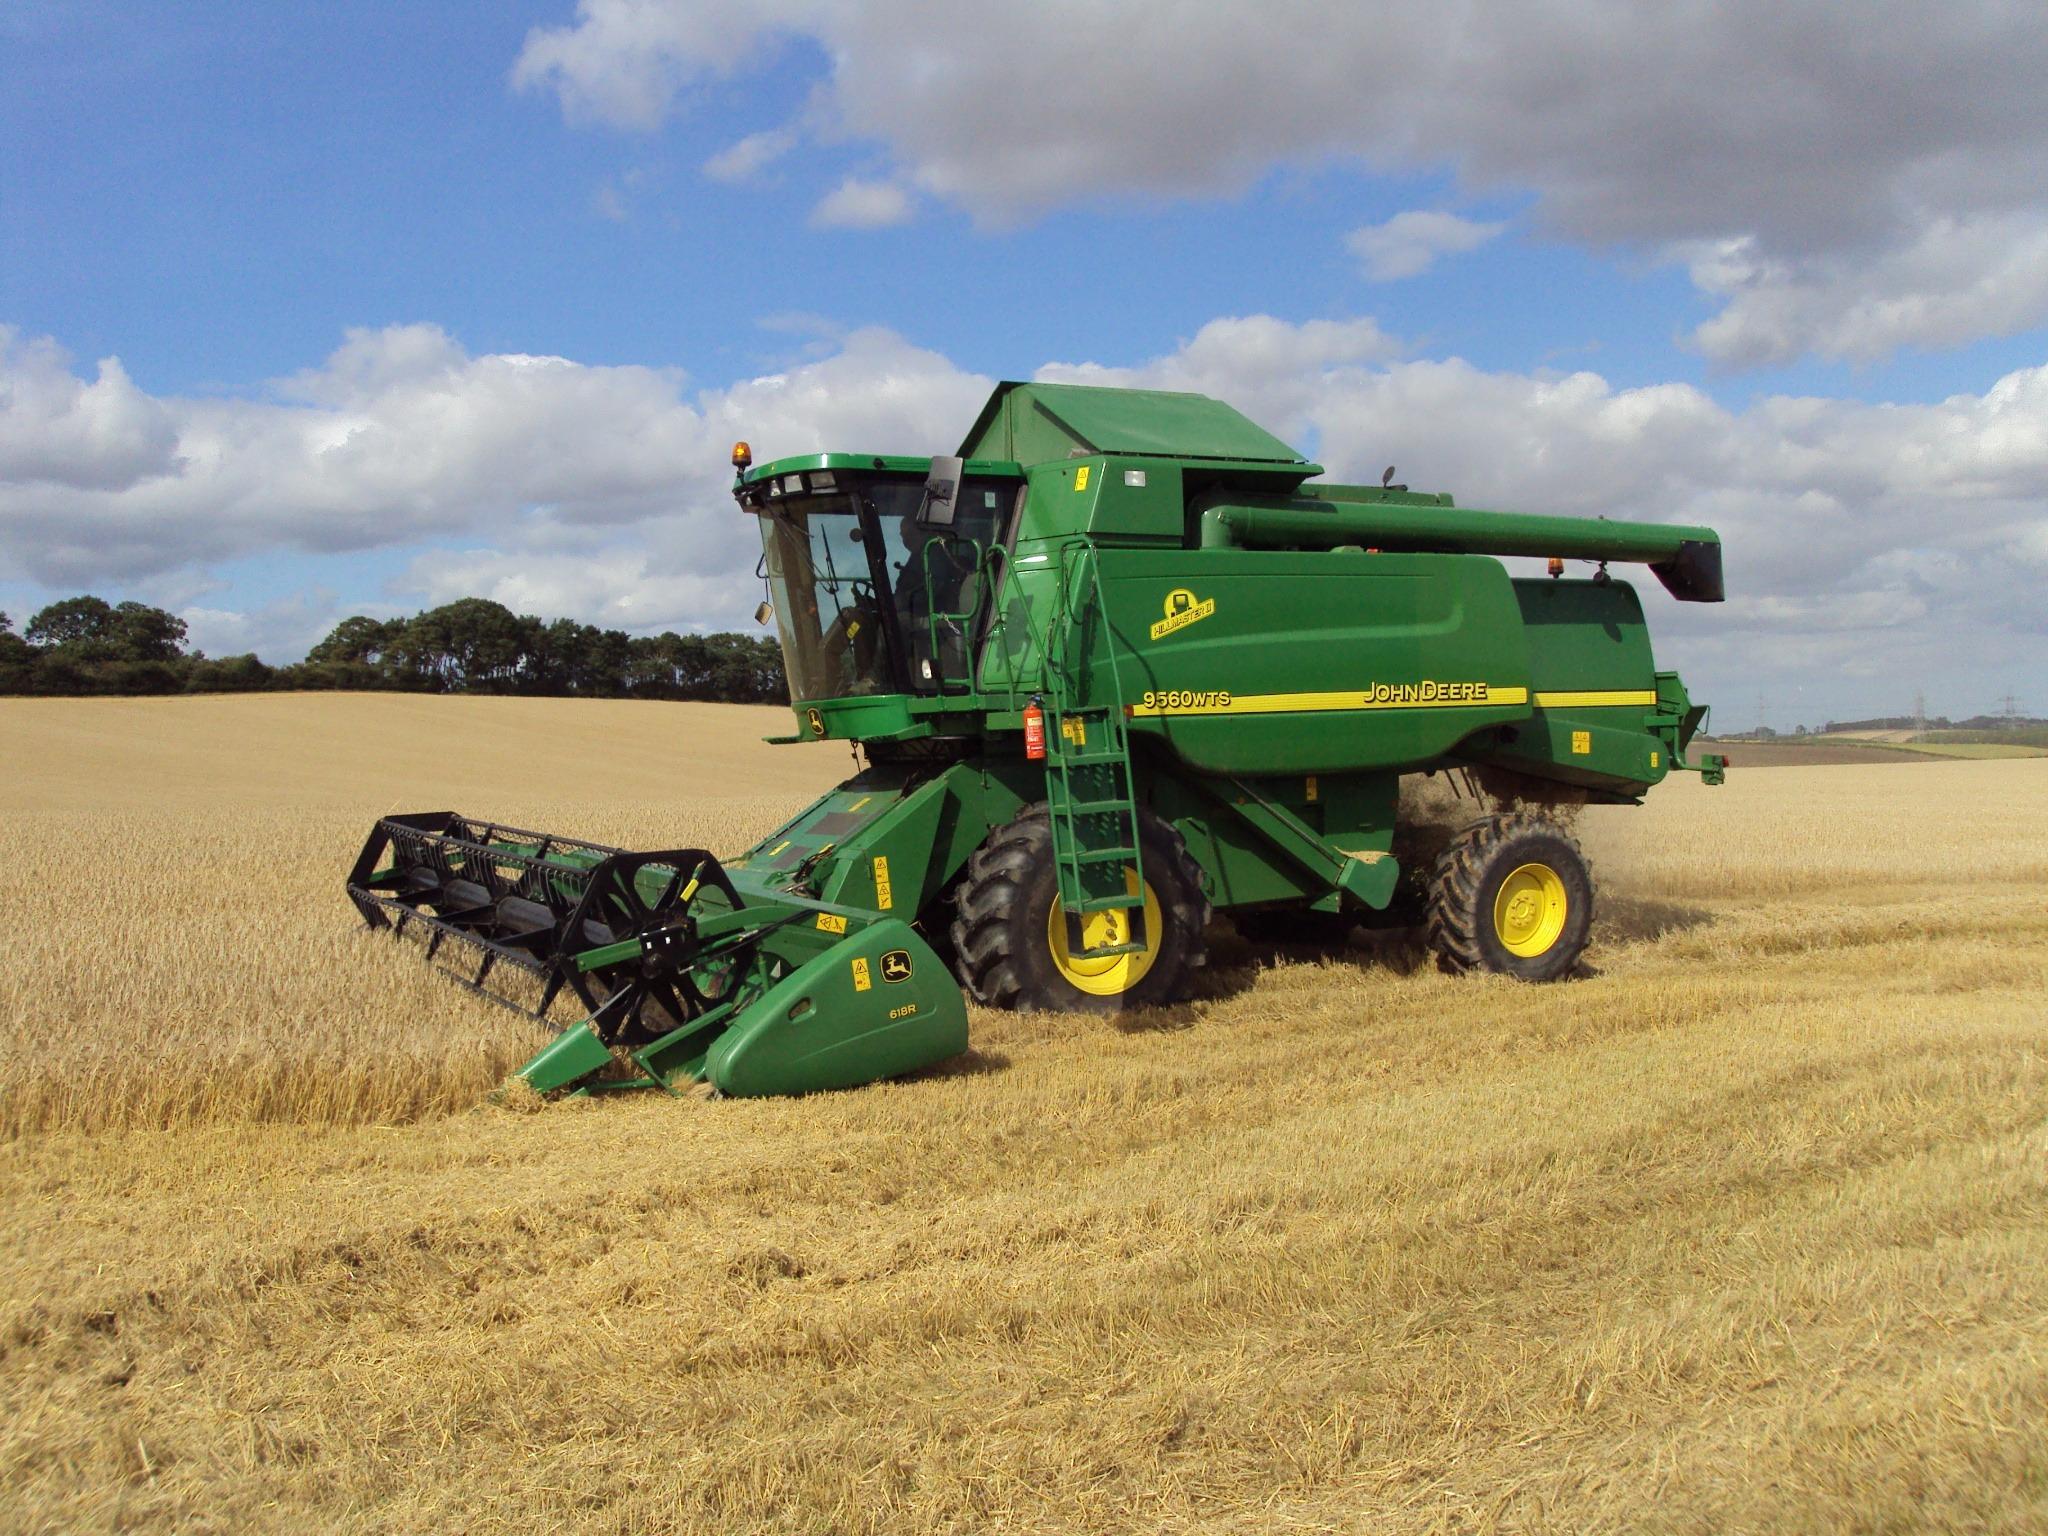 Boys John Deere Harvester